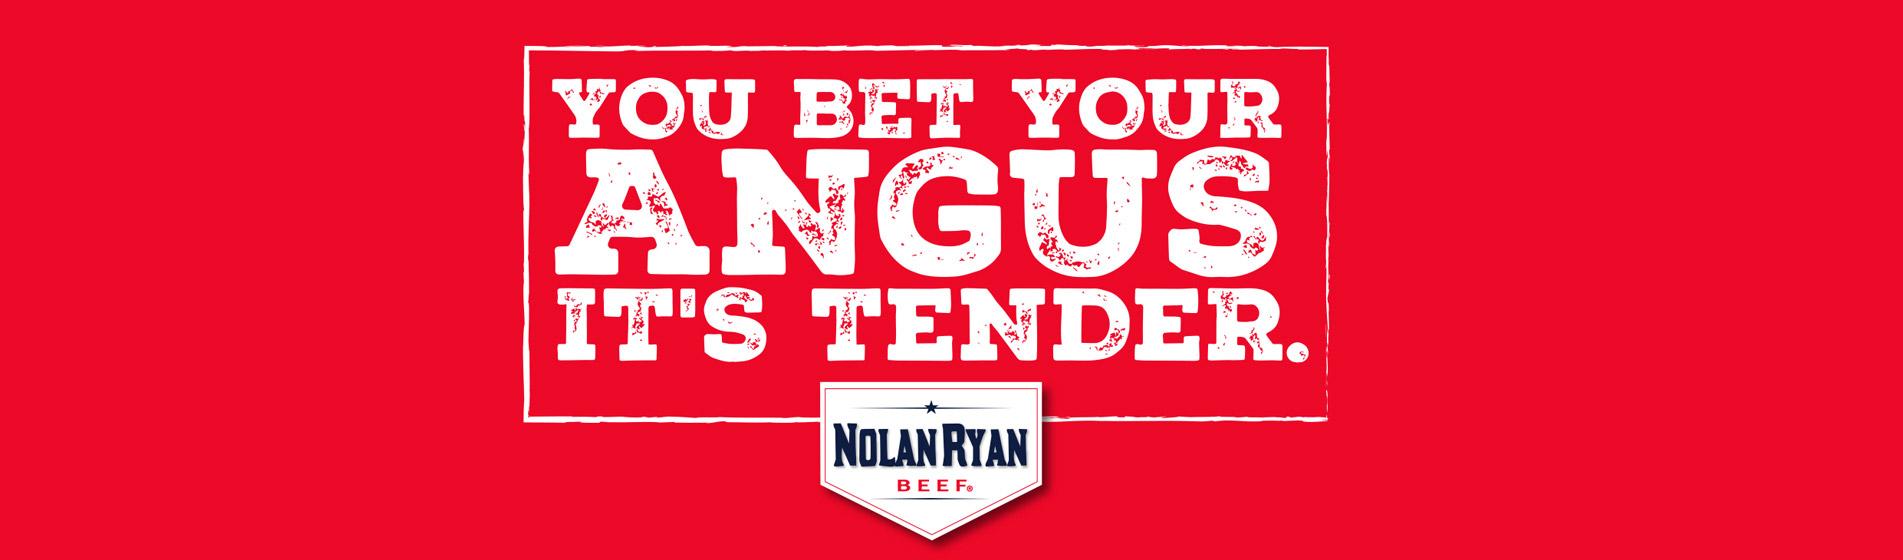 Nolan Ryan Beef BET YOUR ANGUS